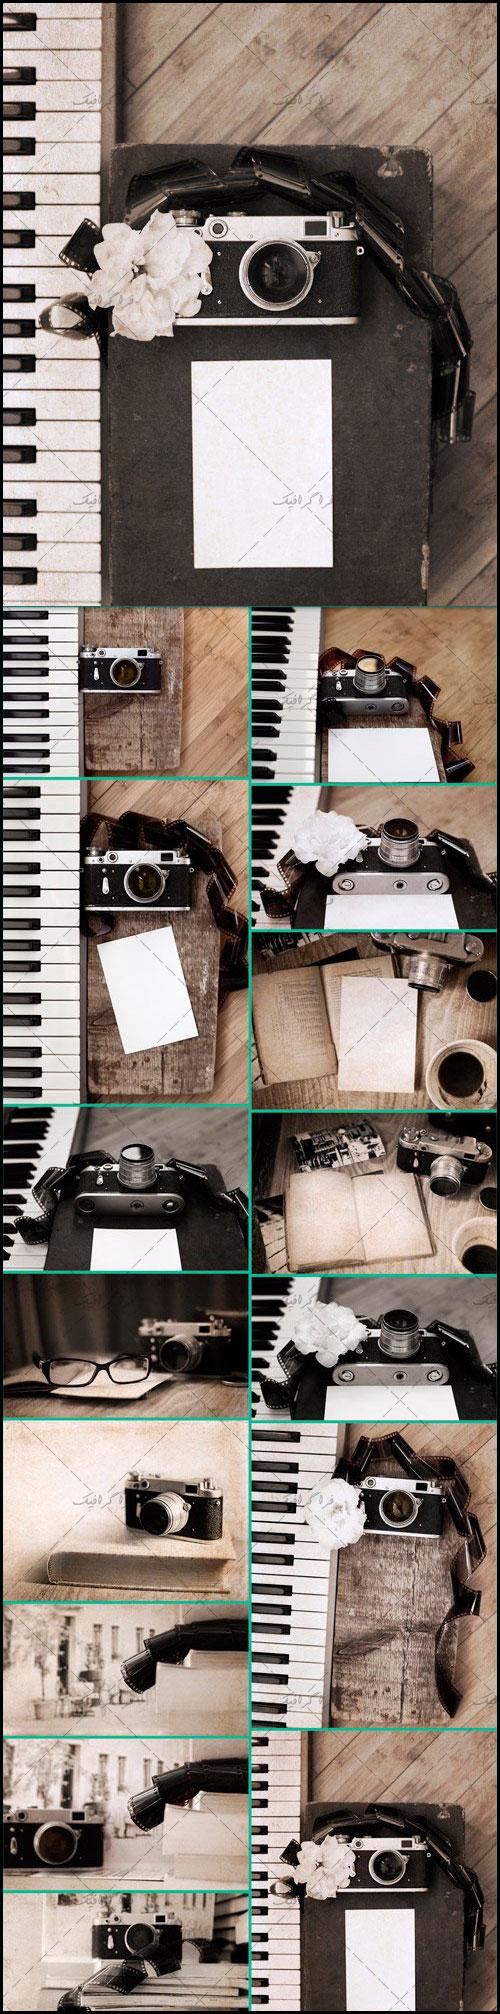 دانلود تصاویر استوک دوربین قدیمی عکاسی و پیانو